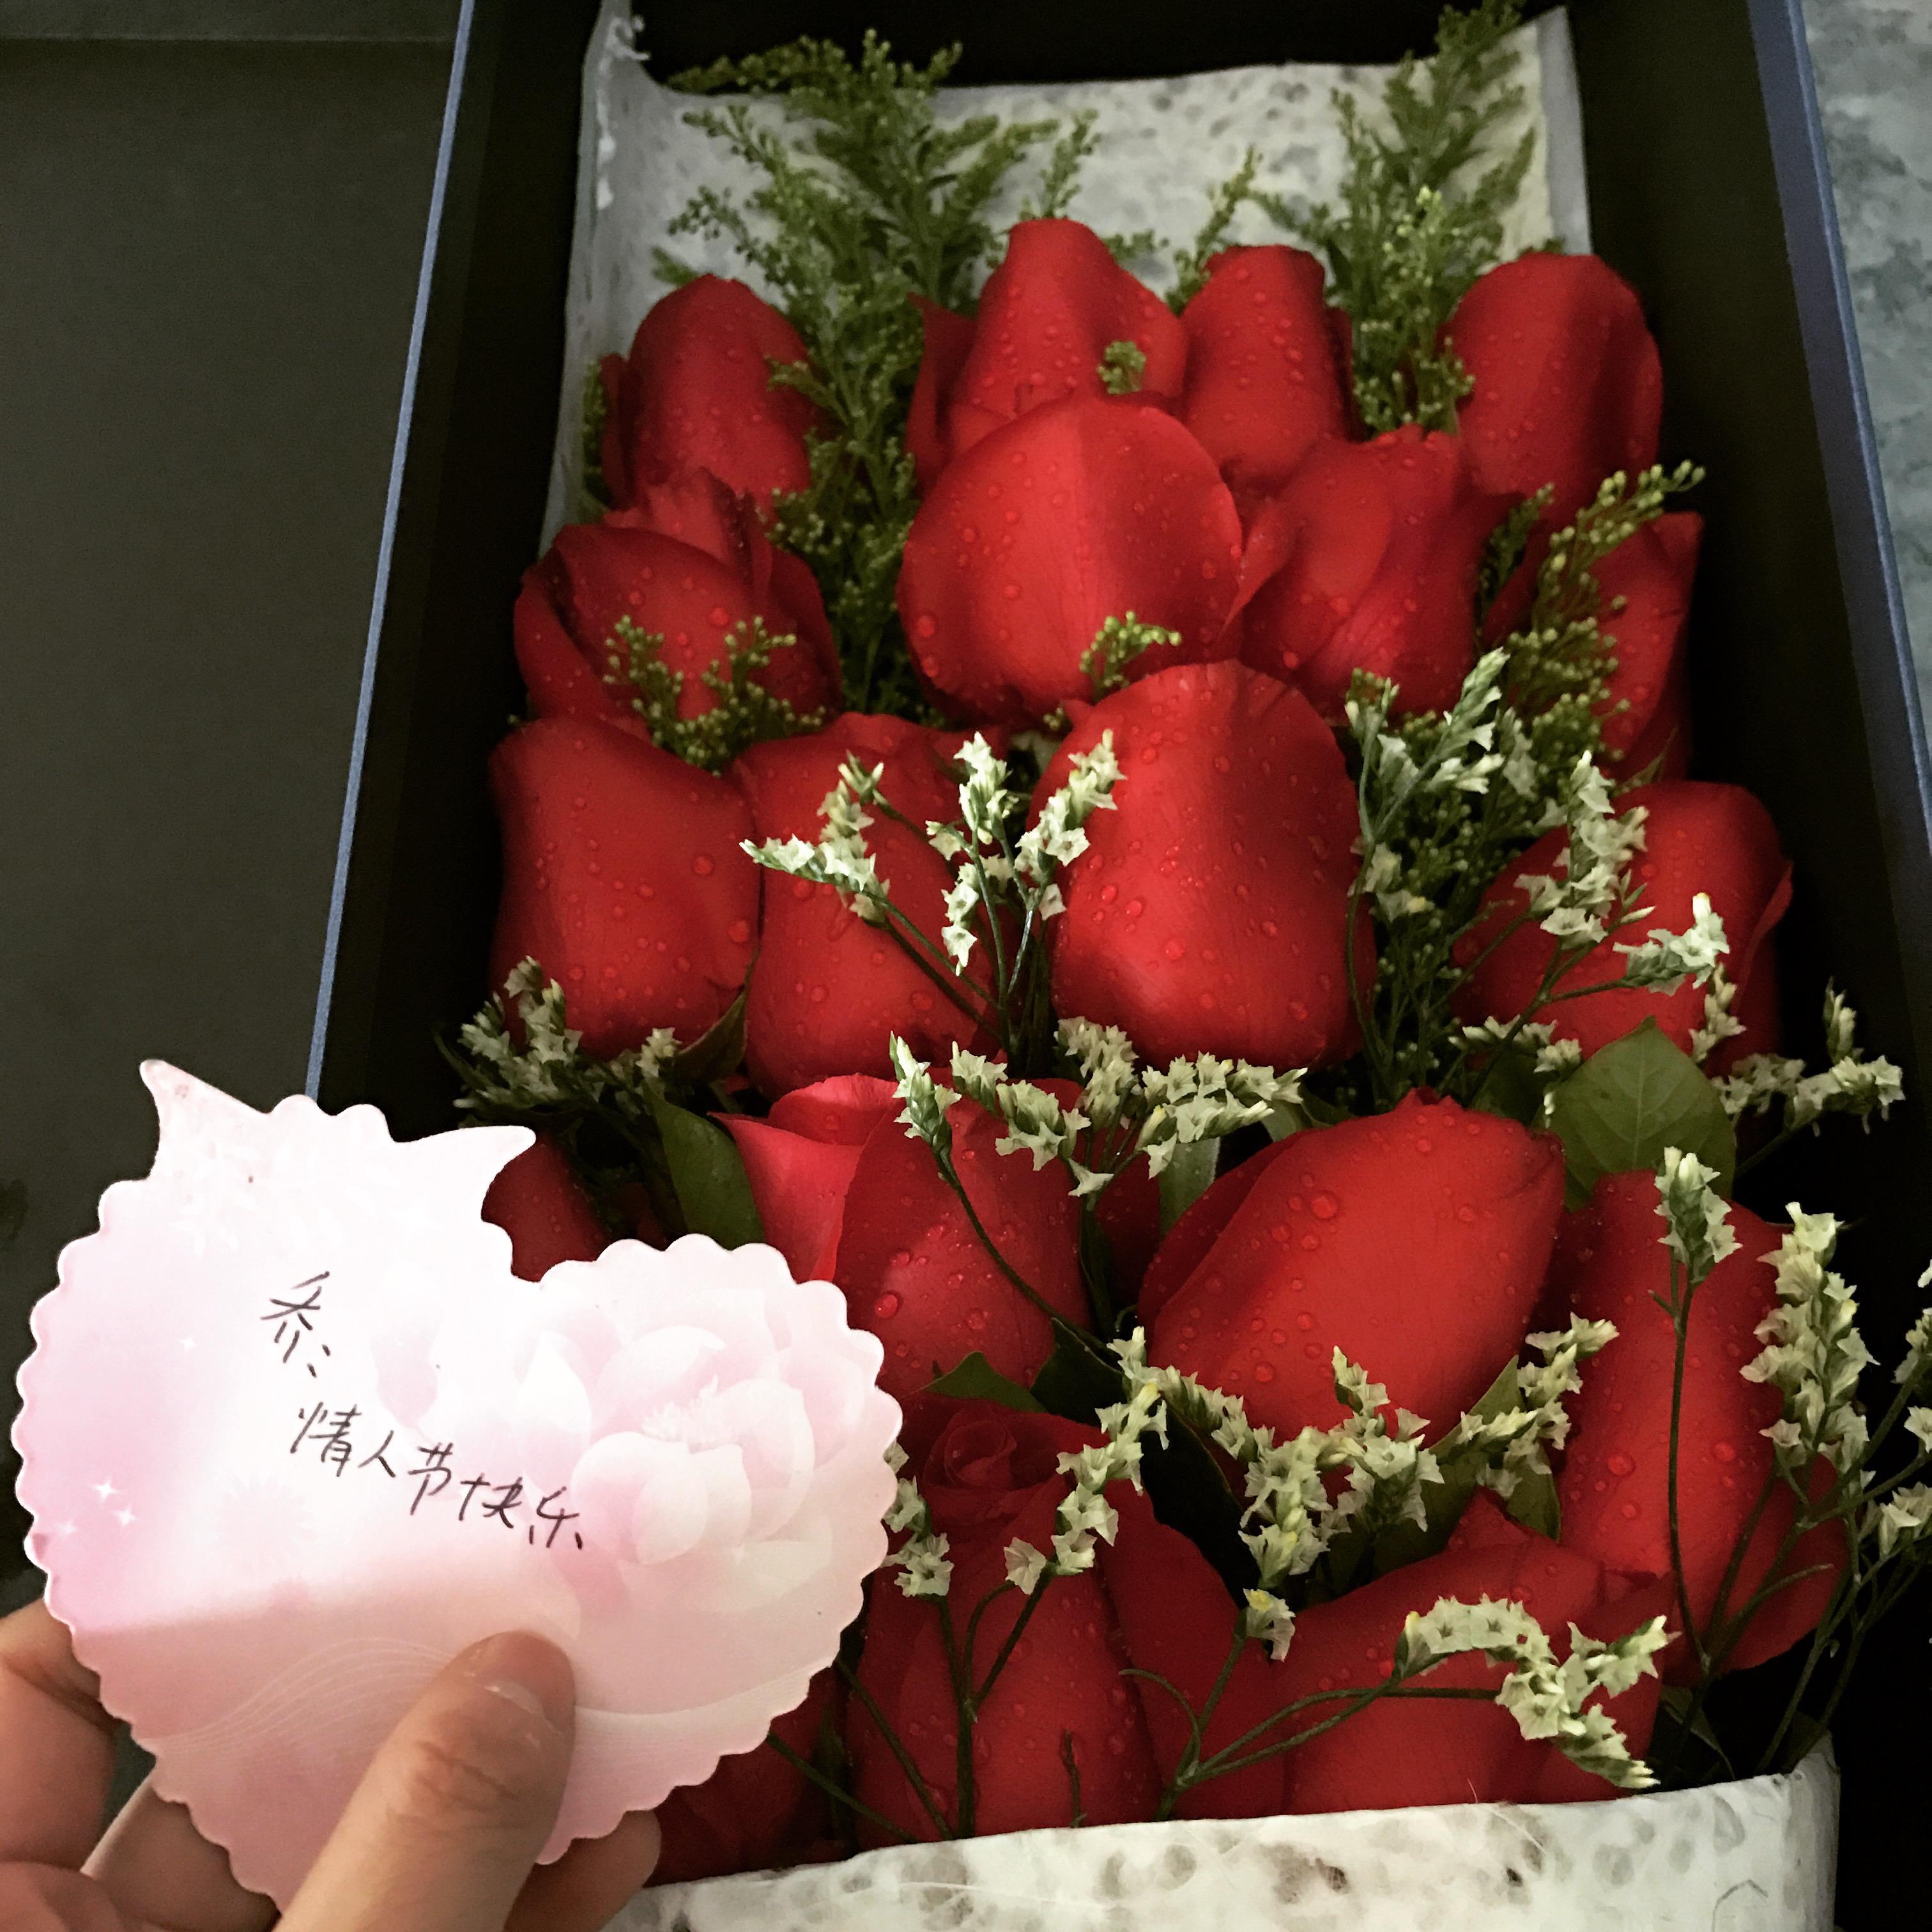 美女老师收到大量表白玫瑰 转赠环卫工表心意